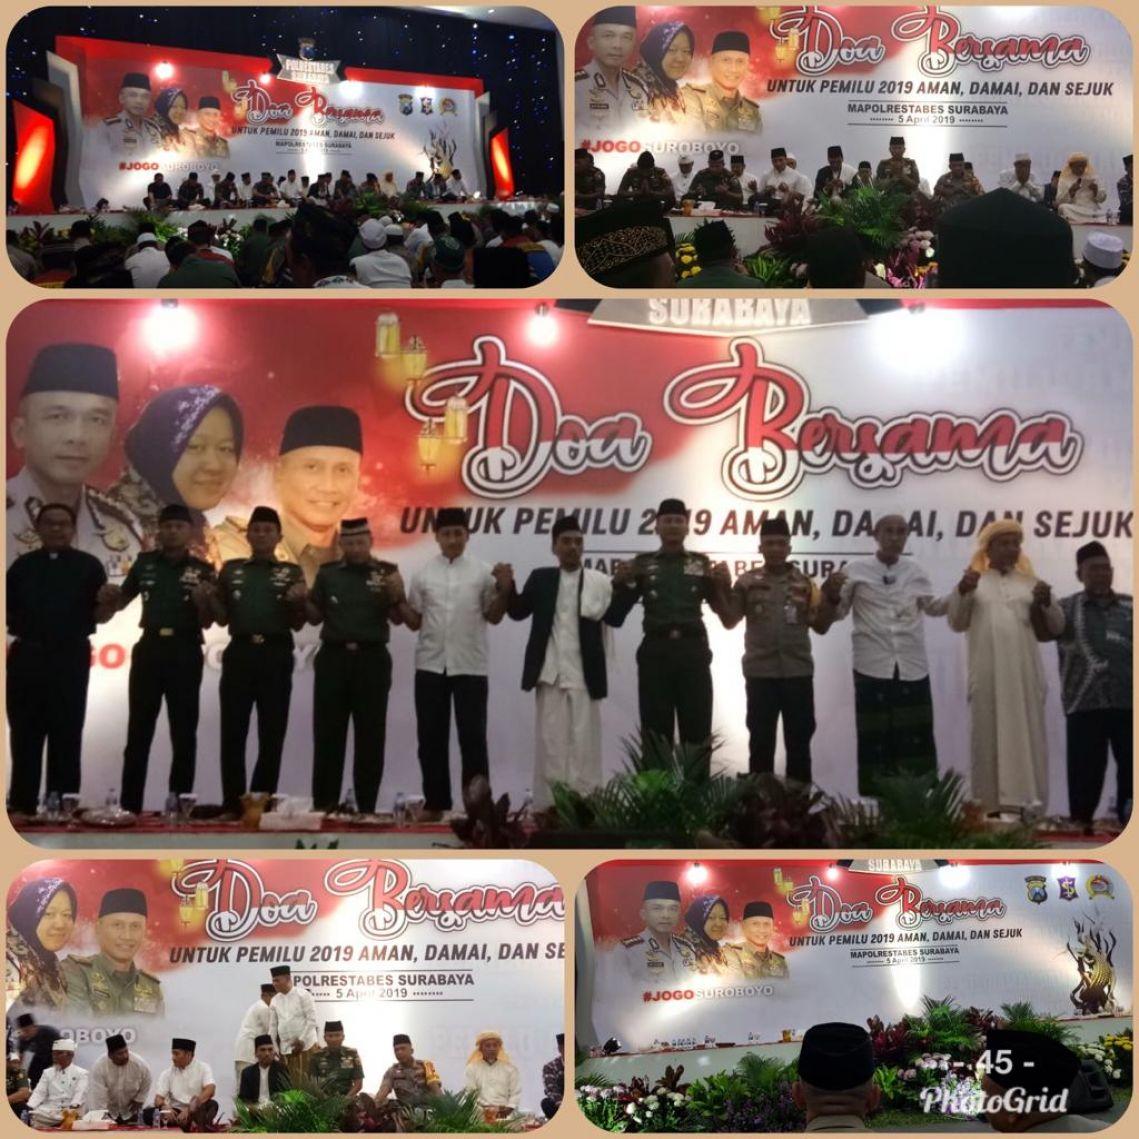 Doa Bersama Pemilu 05-04-2019